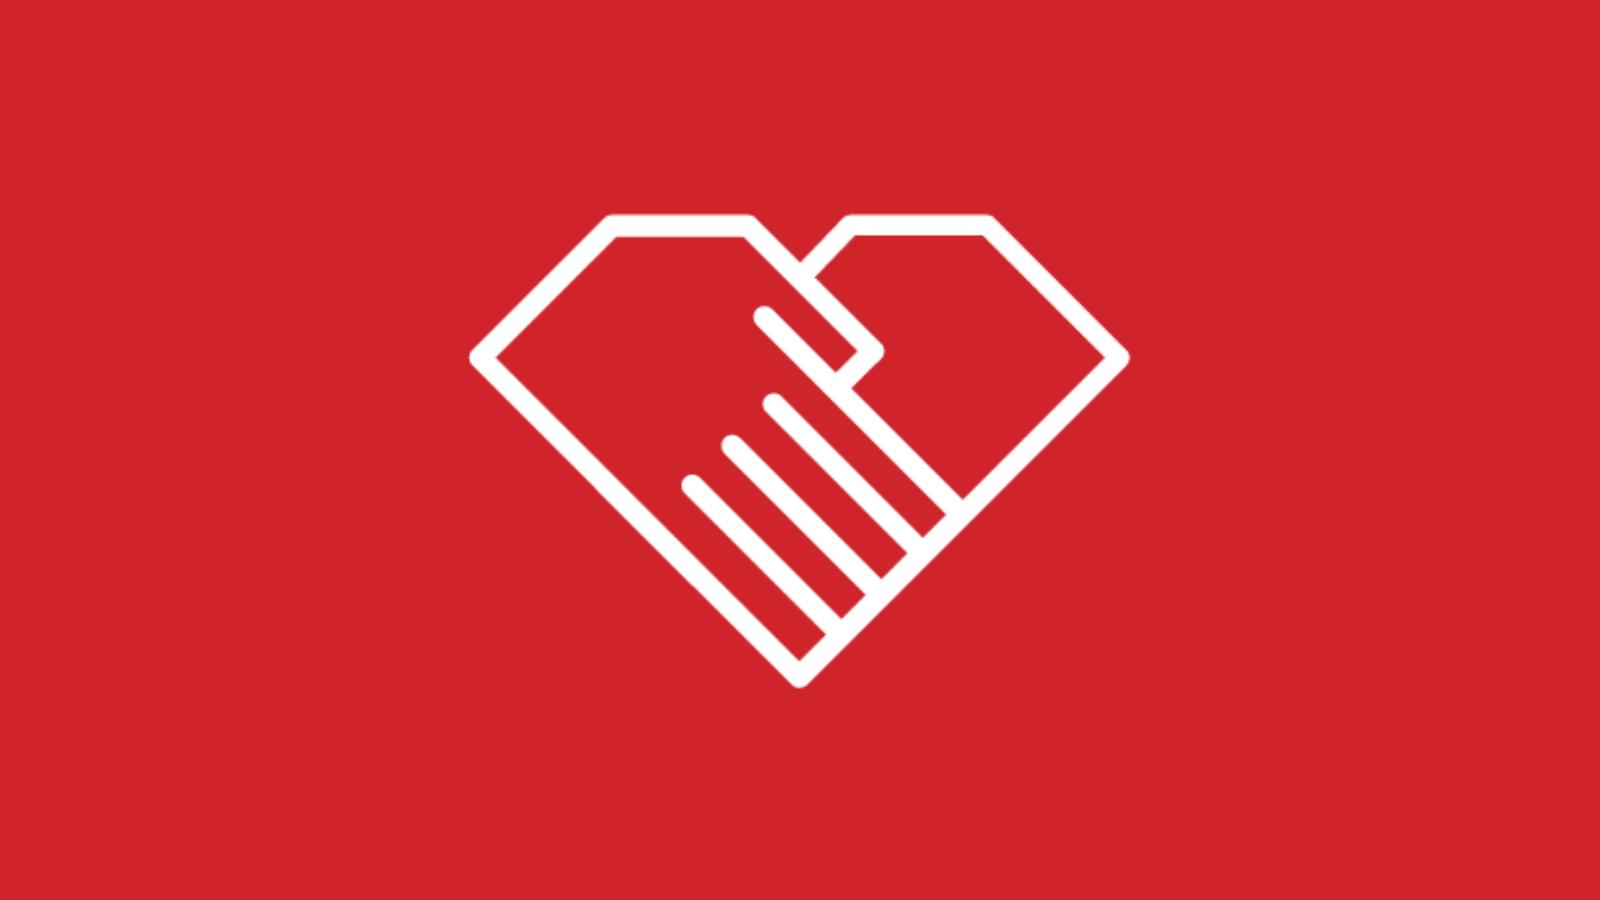 CPR & AED Awareness Week: June 1 – June 7